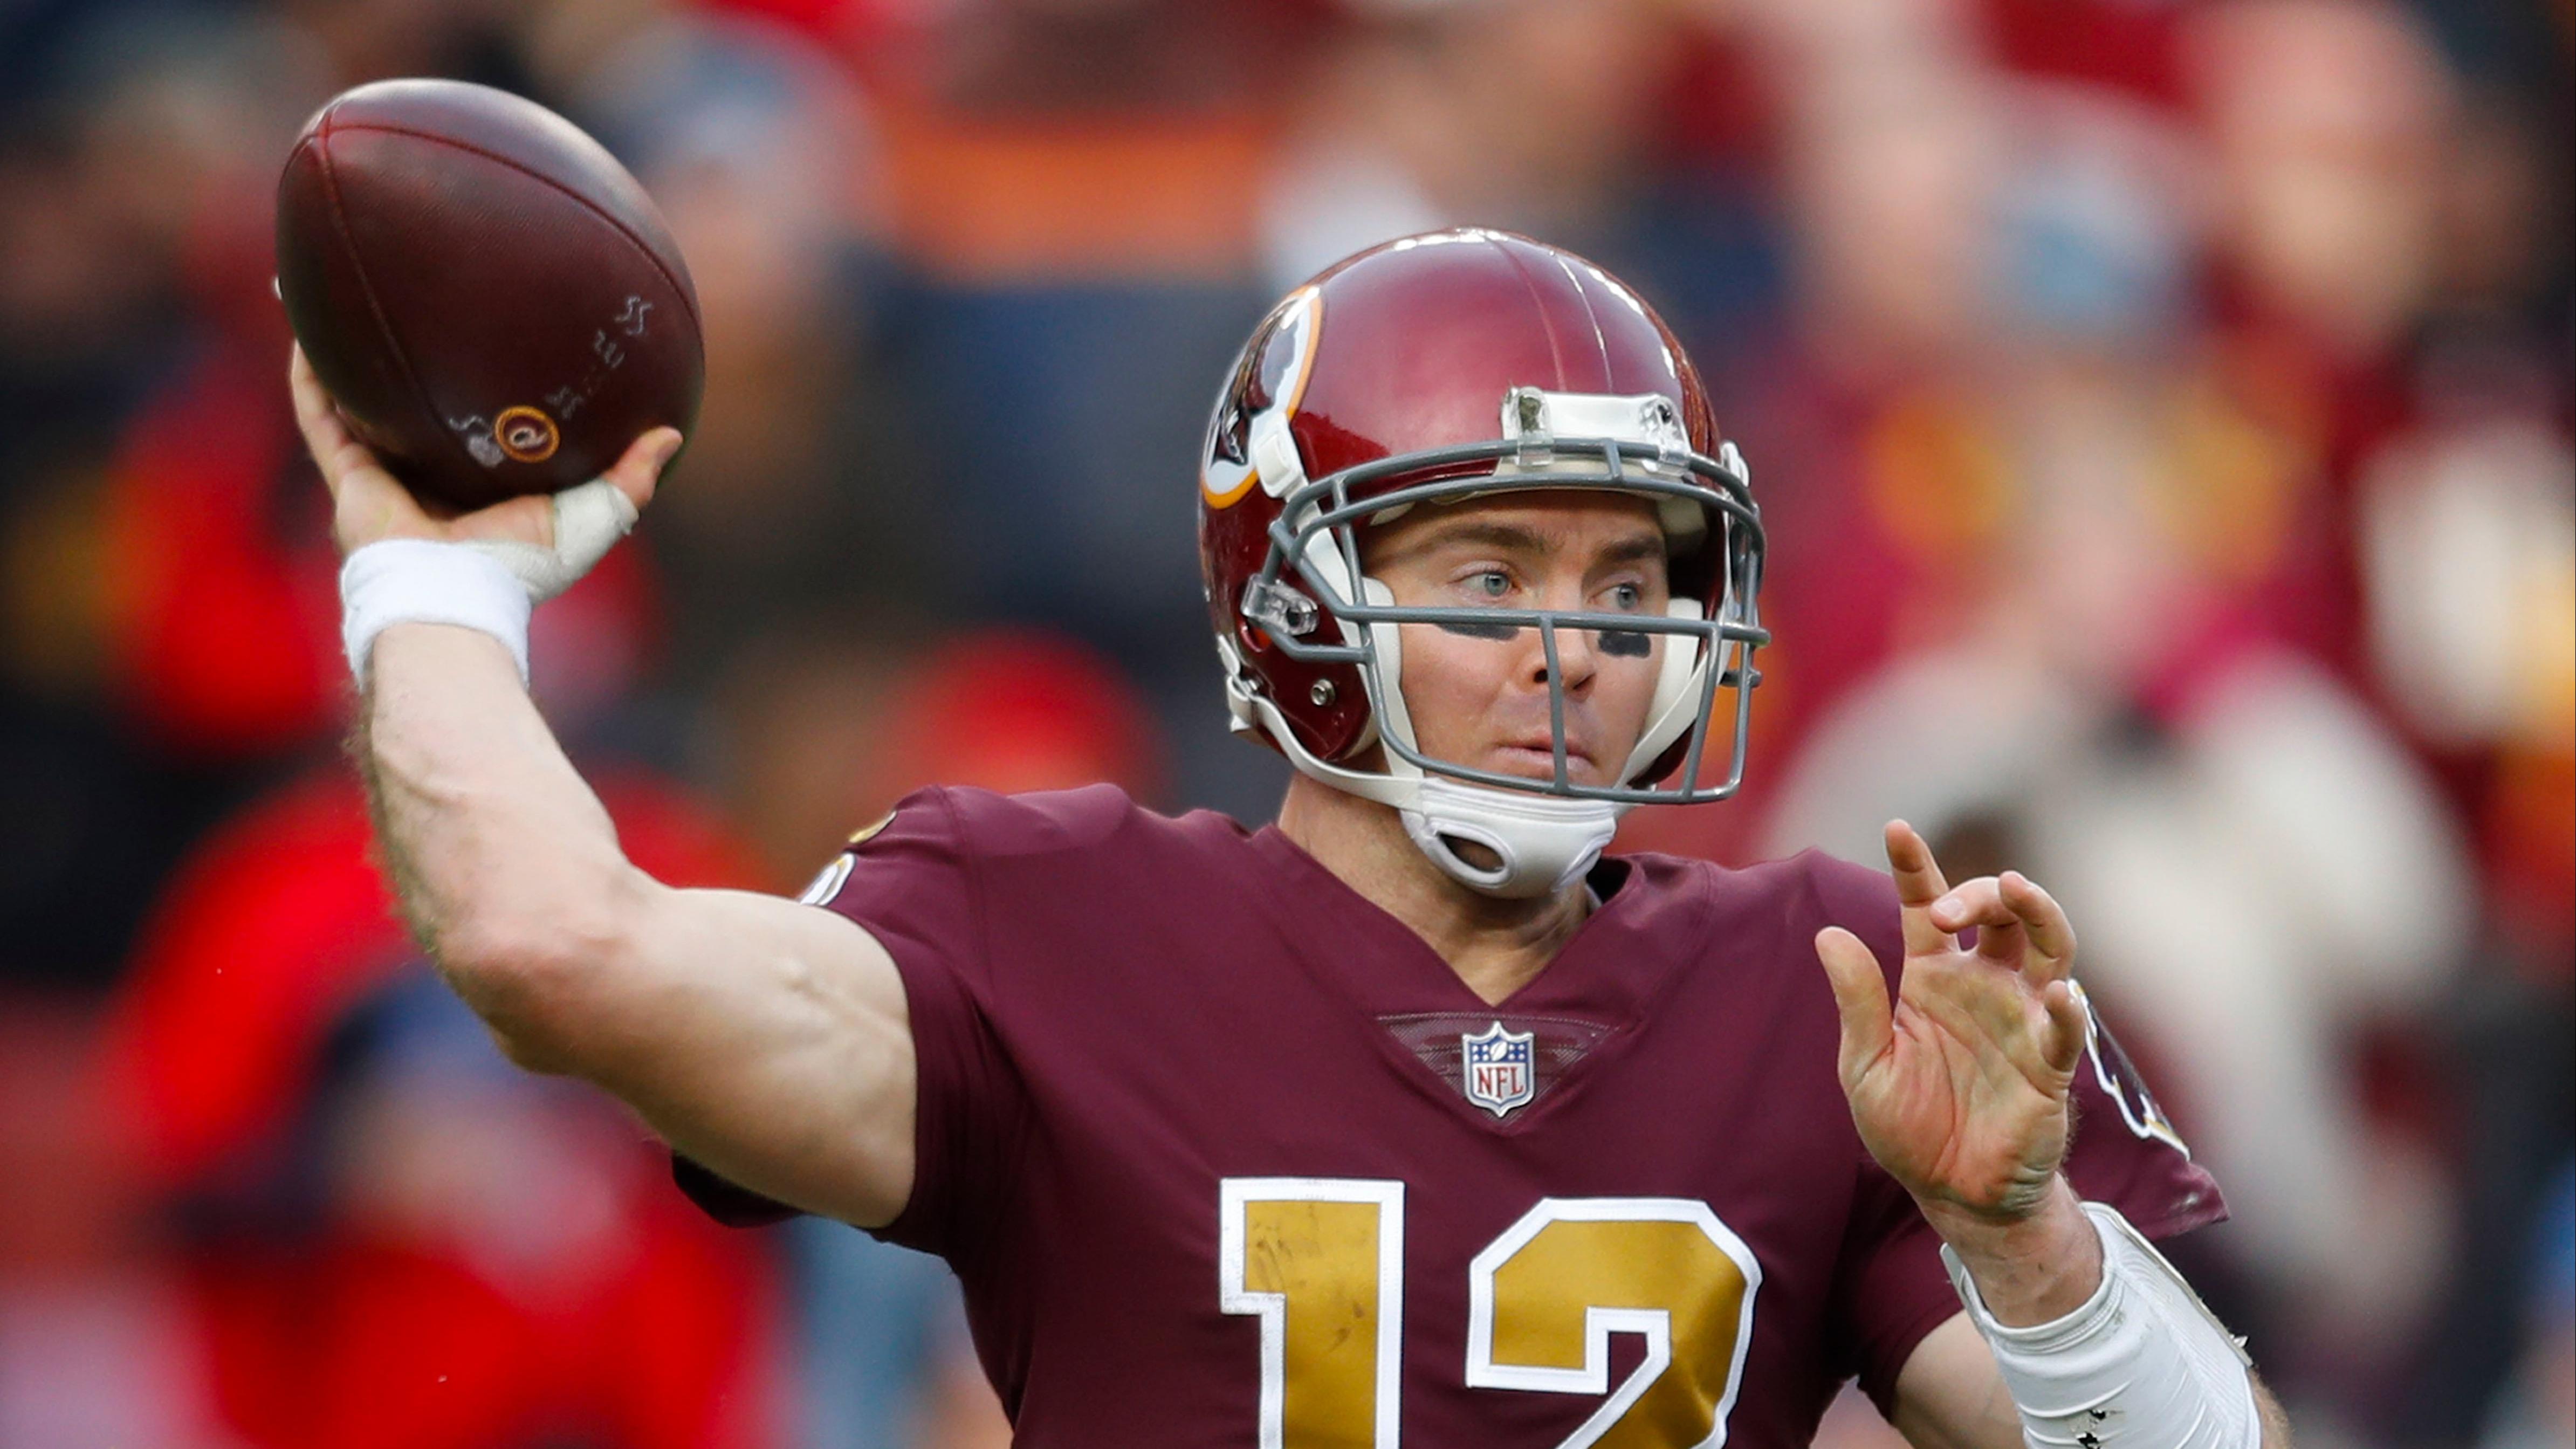 NFL survivor picks Week 12: Redskins' Colt McCoy presents